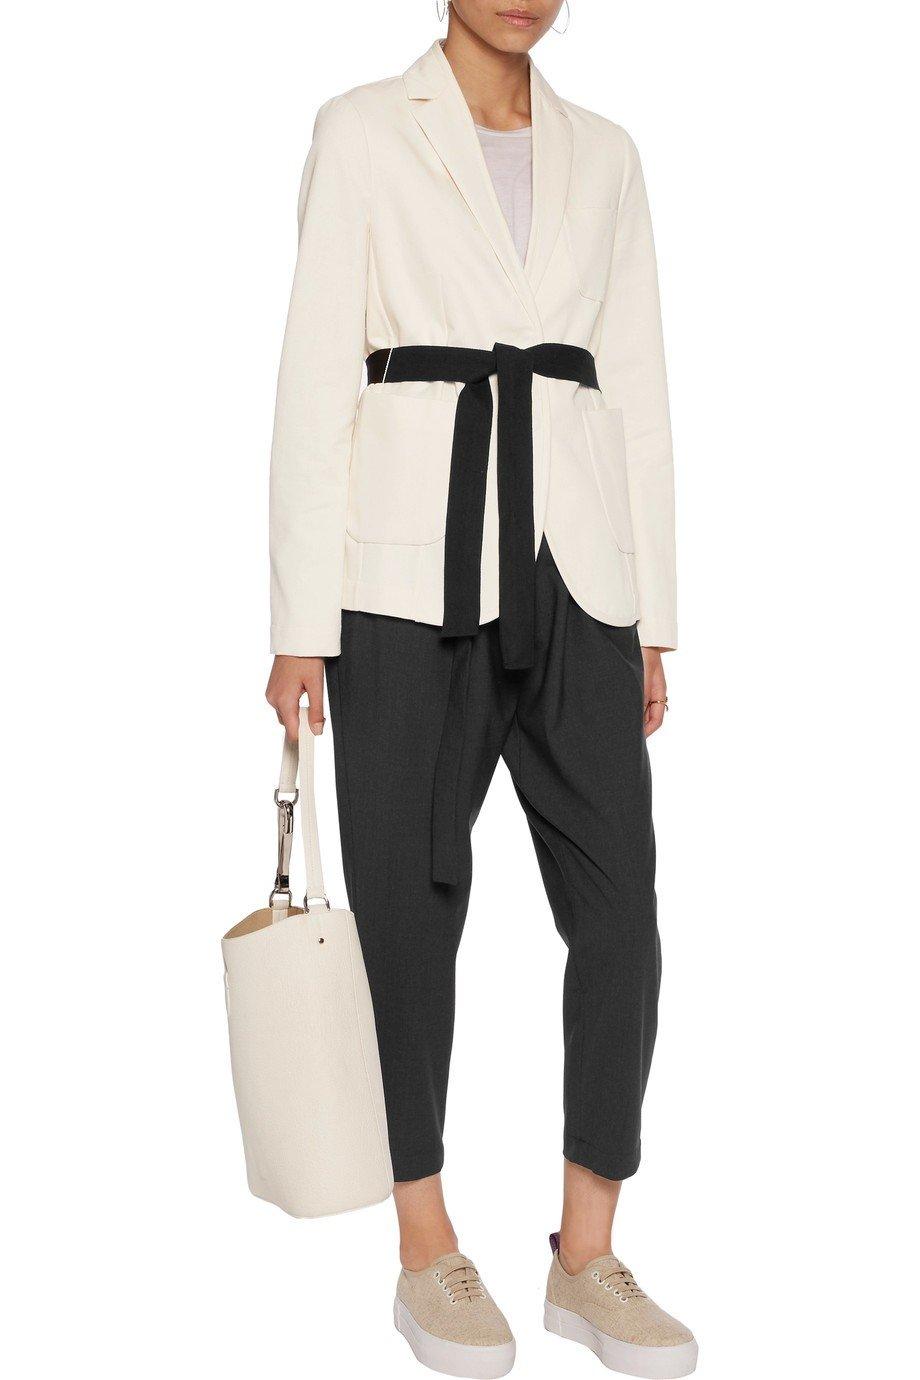 белый пиджак с черным поясом женский 2018